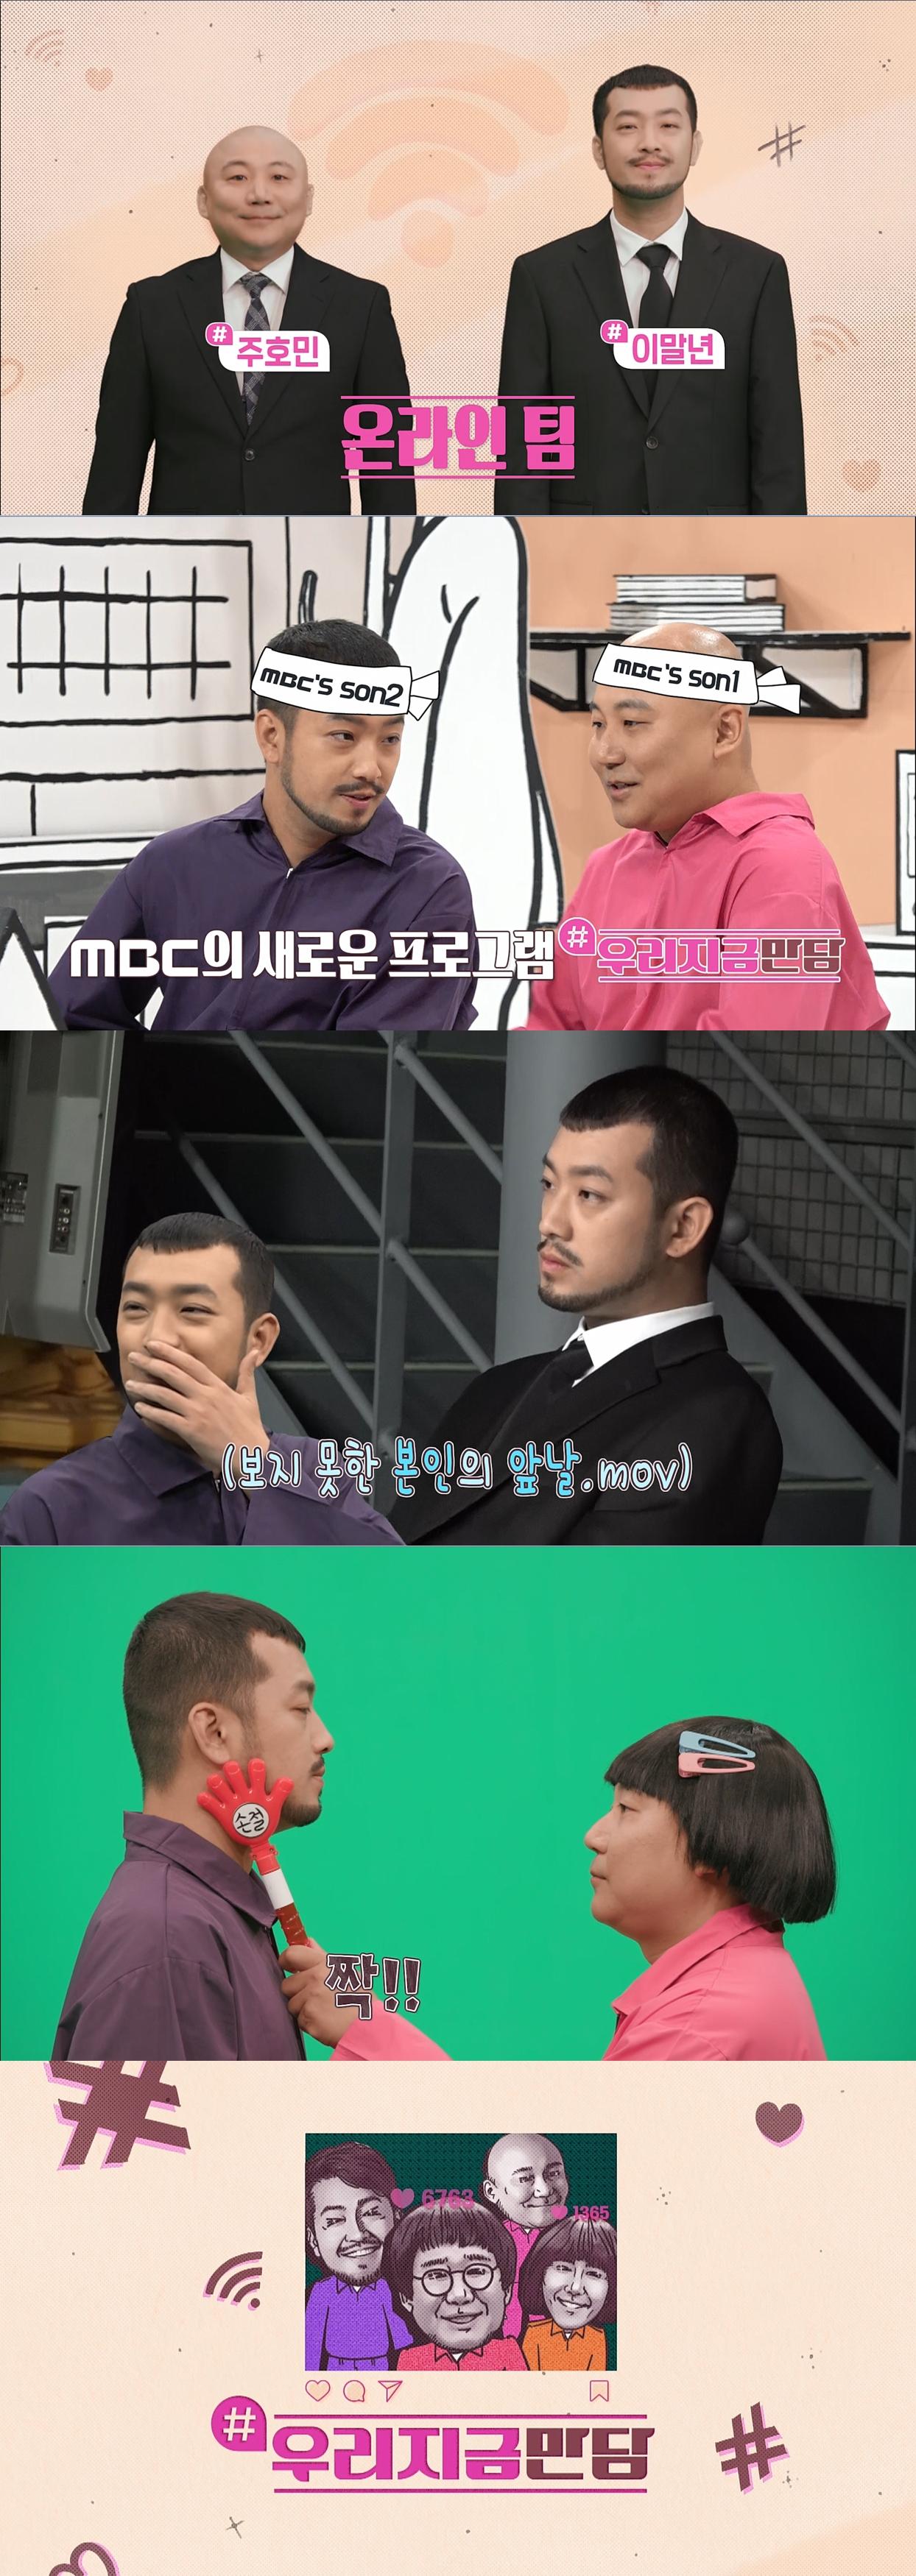 능청 연기의 대가 이말년X주호민, 촬영 현장 공개!